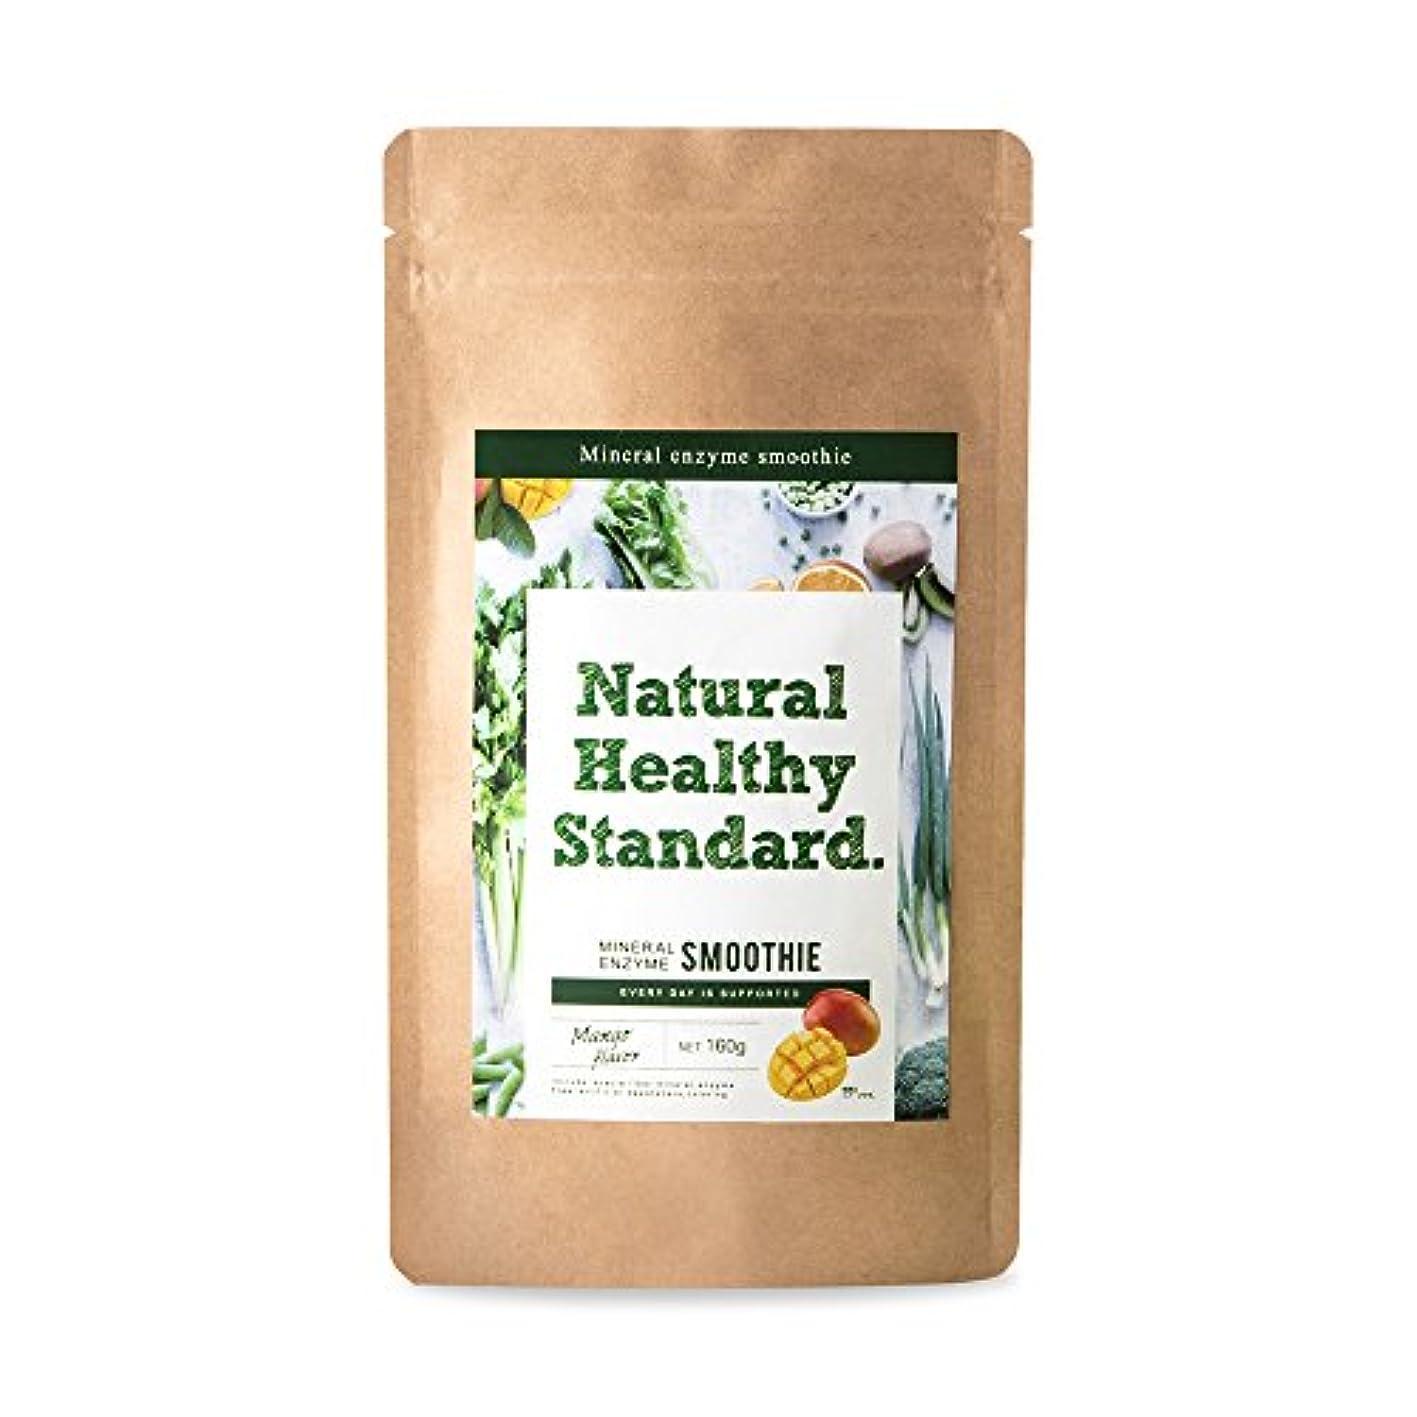 欠かせない専門用語カヌーNatural Healthy Standard. ミネラル酵素グリーンスムージー マンゴー味 160g (2017年リニューアル品)